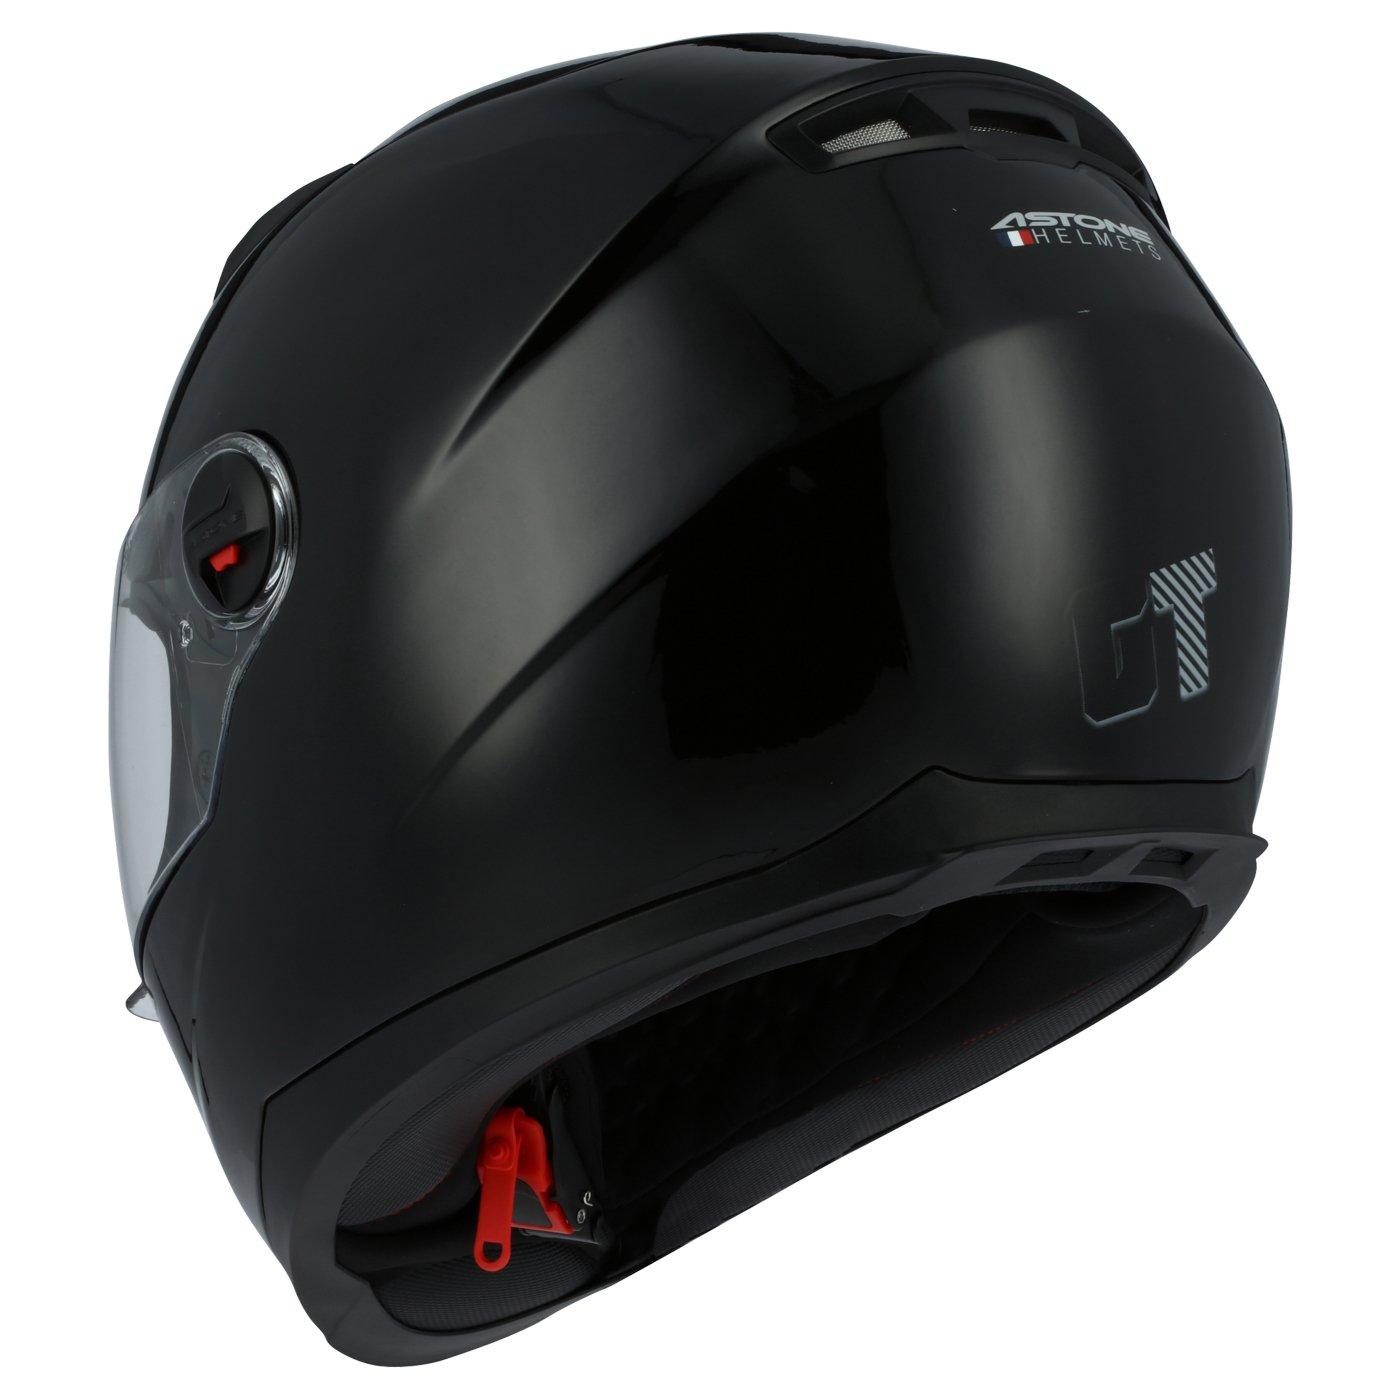 Amazon.es: Astone Helmets gt2 m-bkxs casco Moto Integral GT Gloss, Color Negro Brillante, talla XS